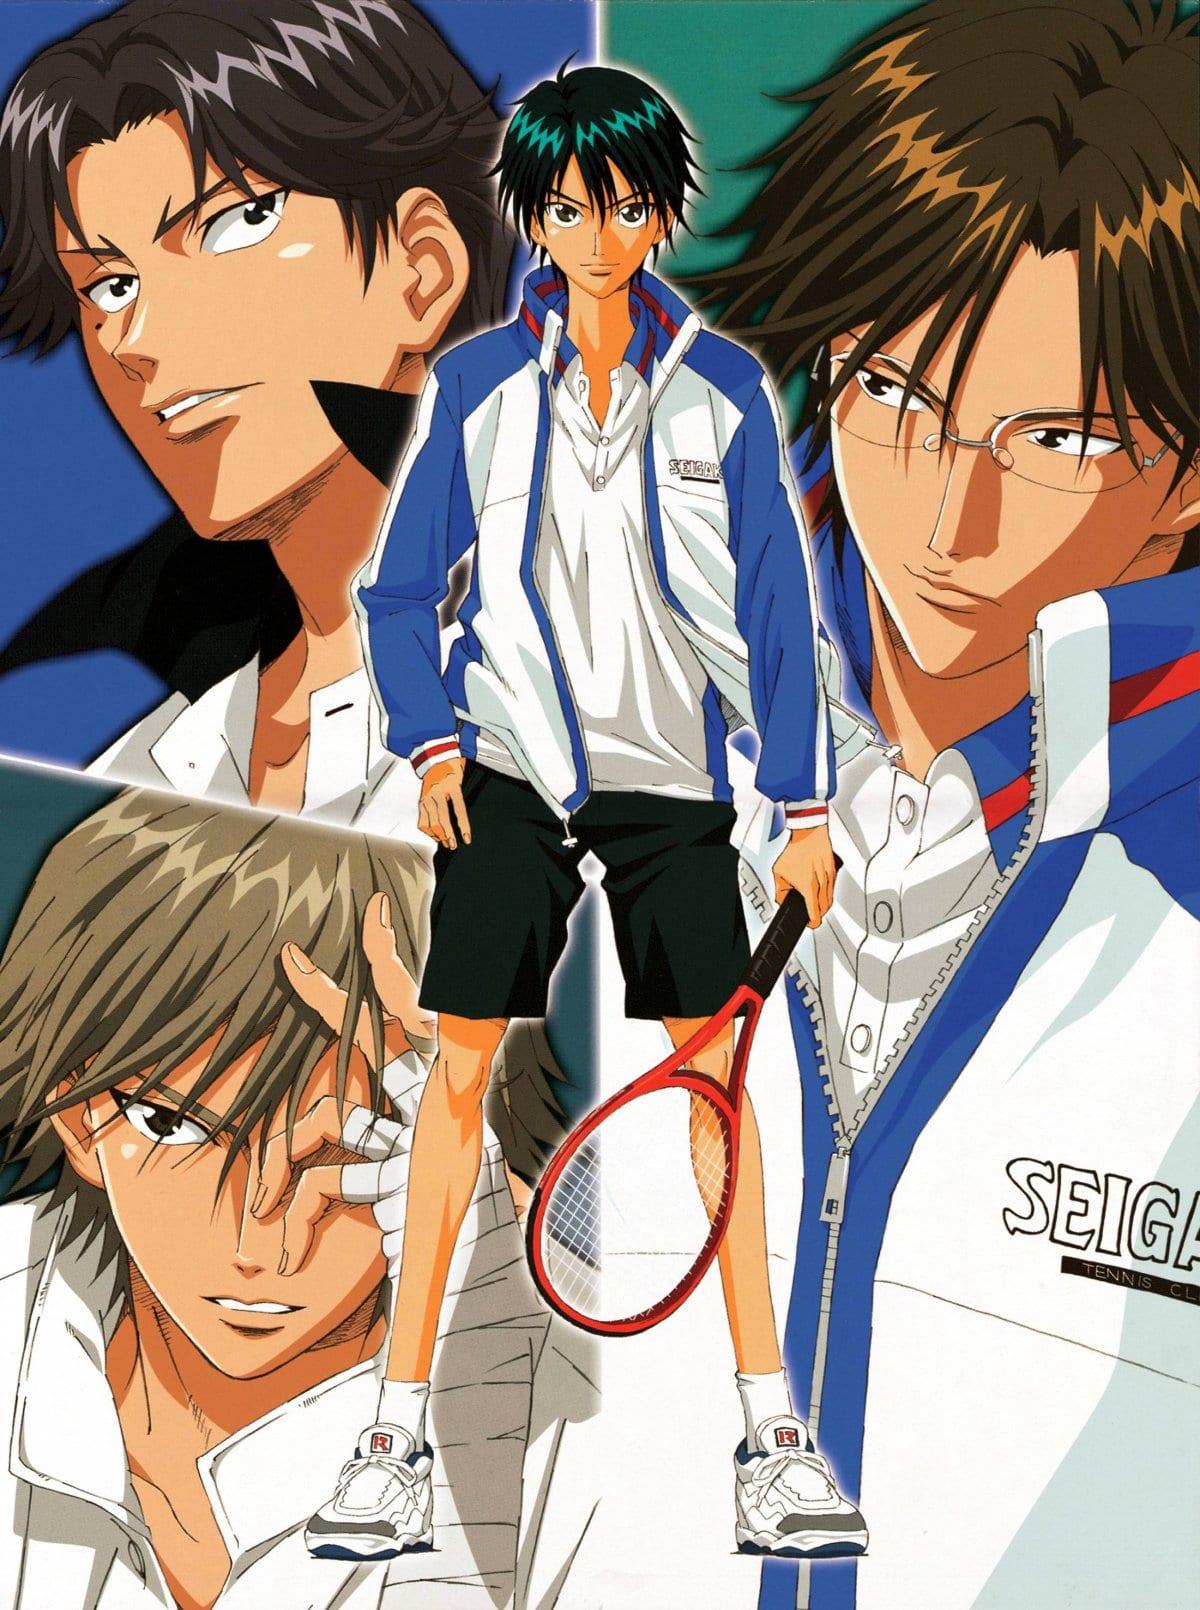 https://mirai.ai/wp-content/uploads/Tennis-no-Ouji-sama-3.jpg